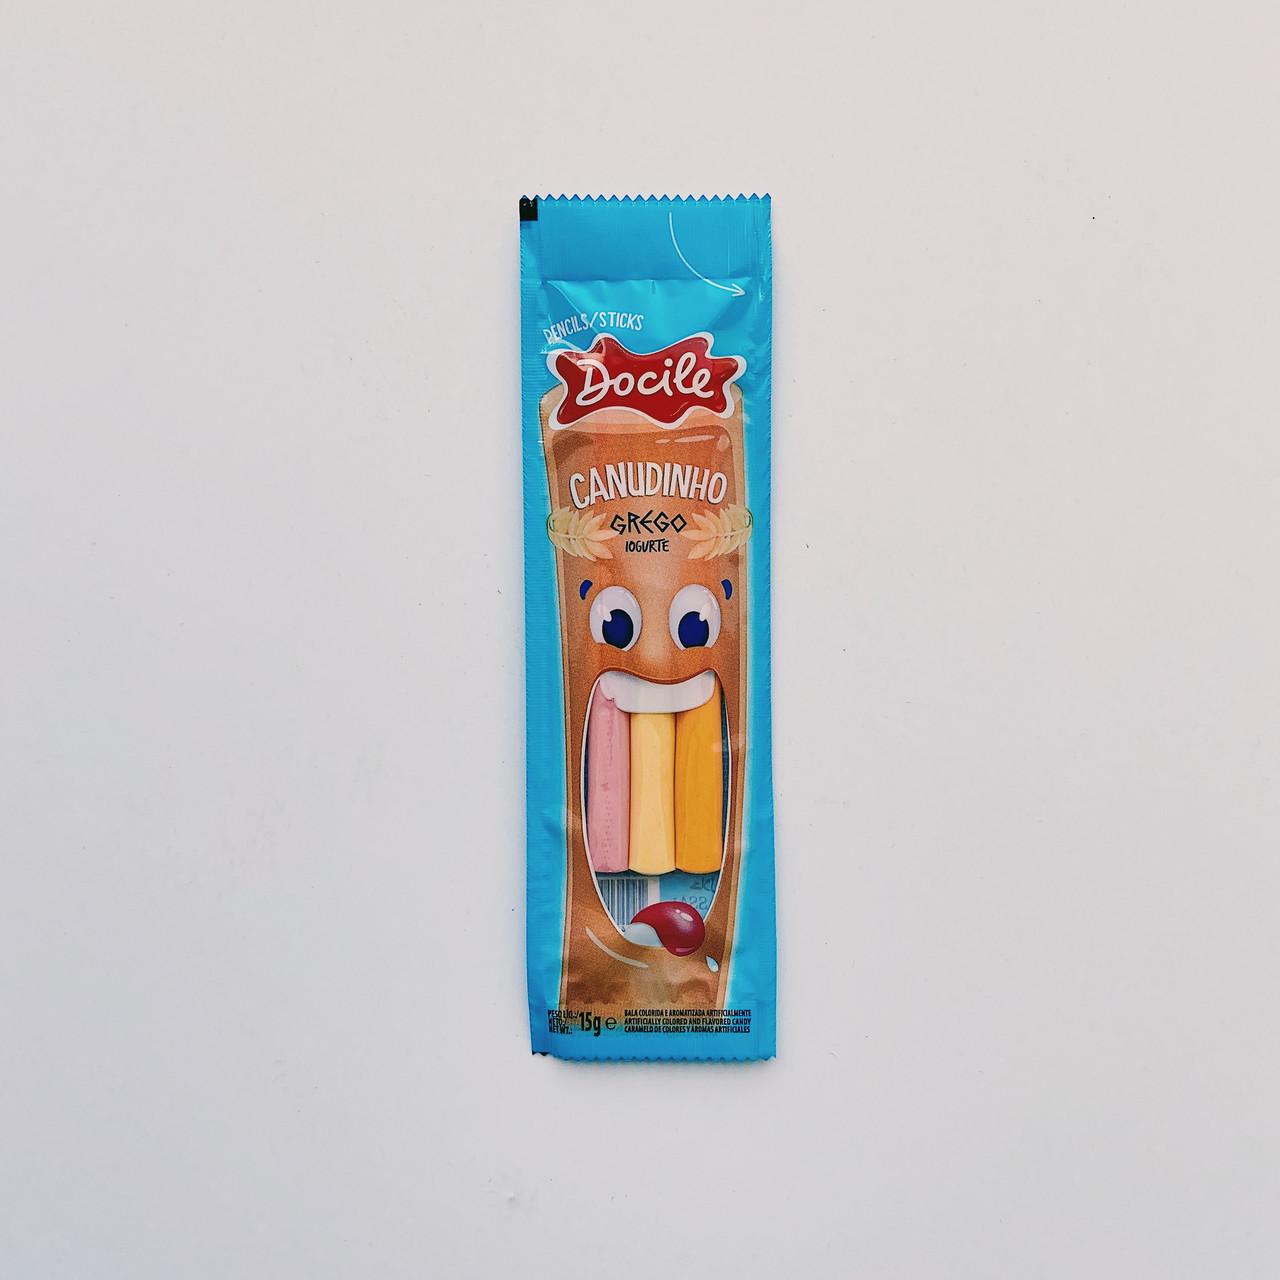 Мармеладные Палочки разноцветные Йогурт  Docile Canudihno (12 шт в упаковке) (синие без сах)